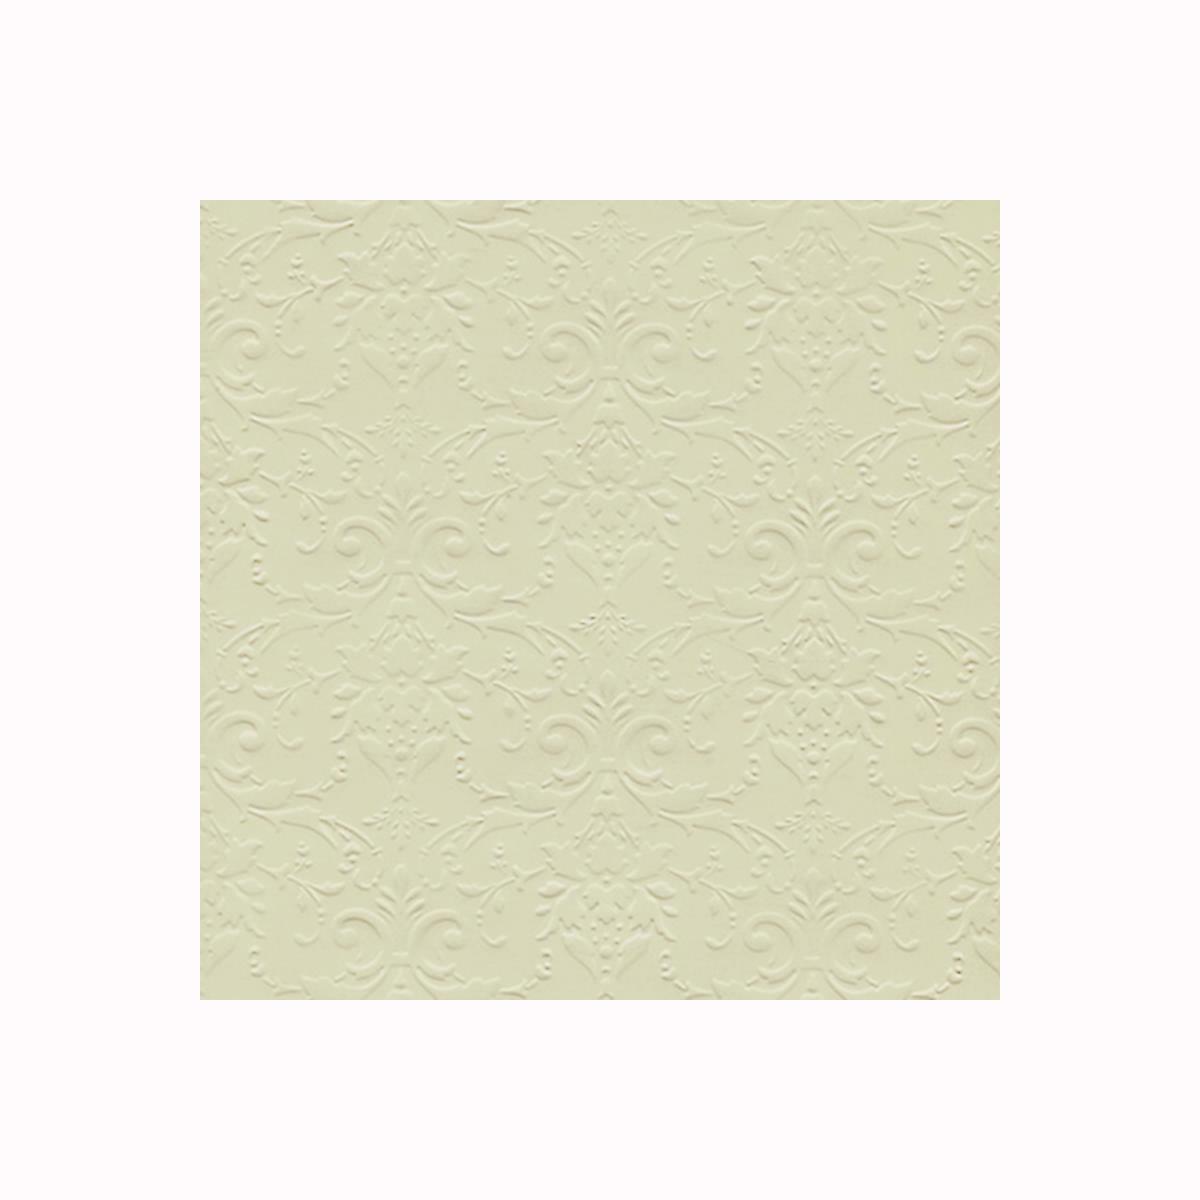 Бумага фактурная Лоза Дамасский узор, цвет: светло-зеленый, 3 листа. 582975582975_БР003-7 светло-зеленый